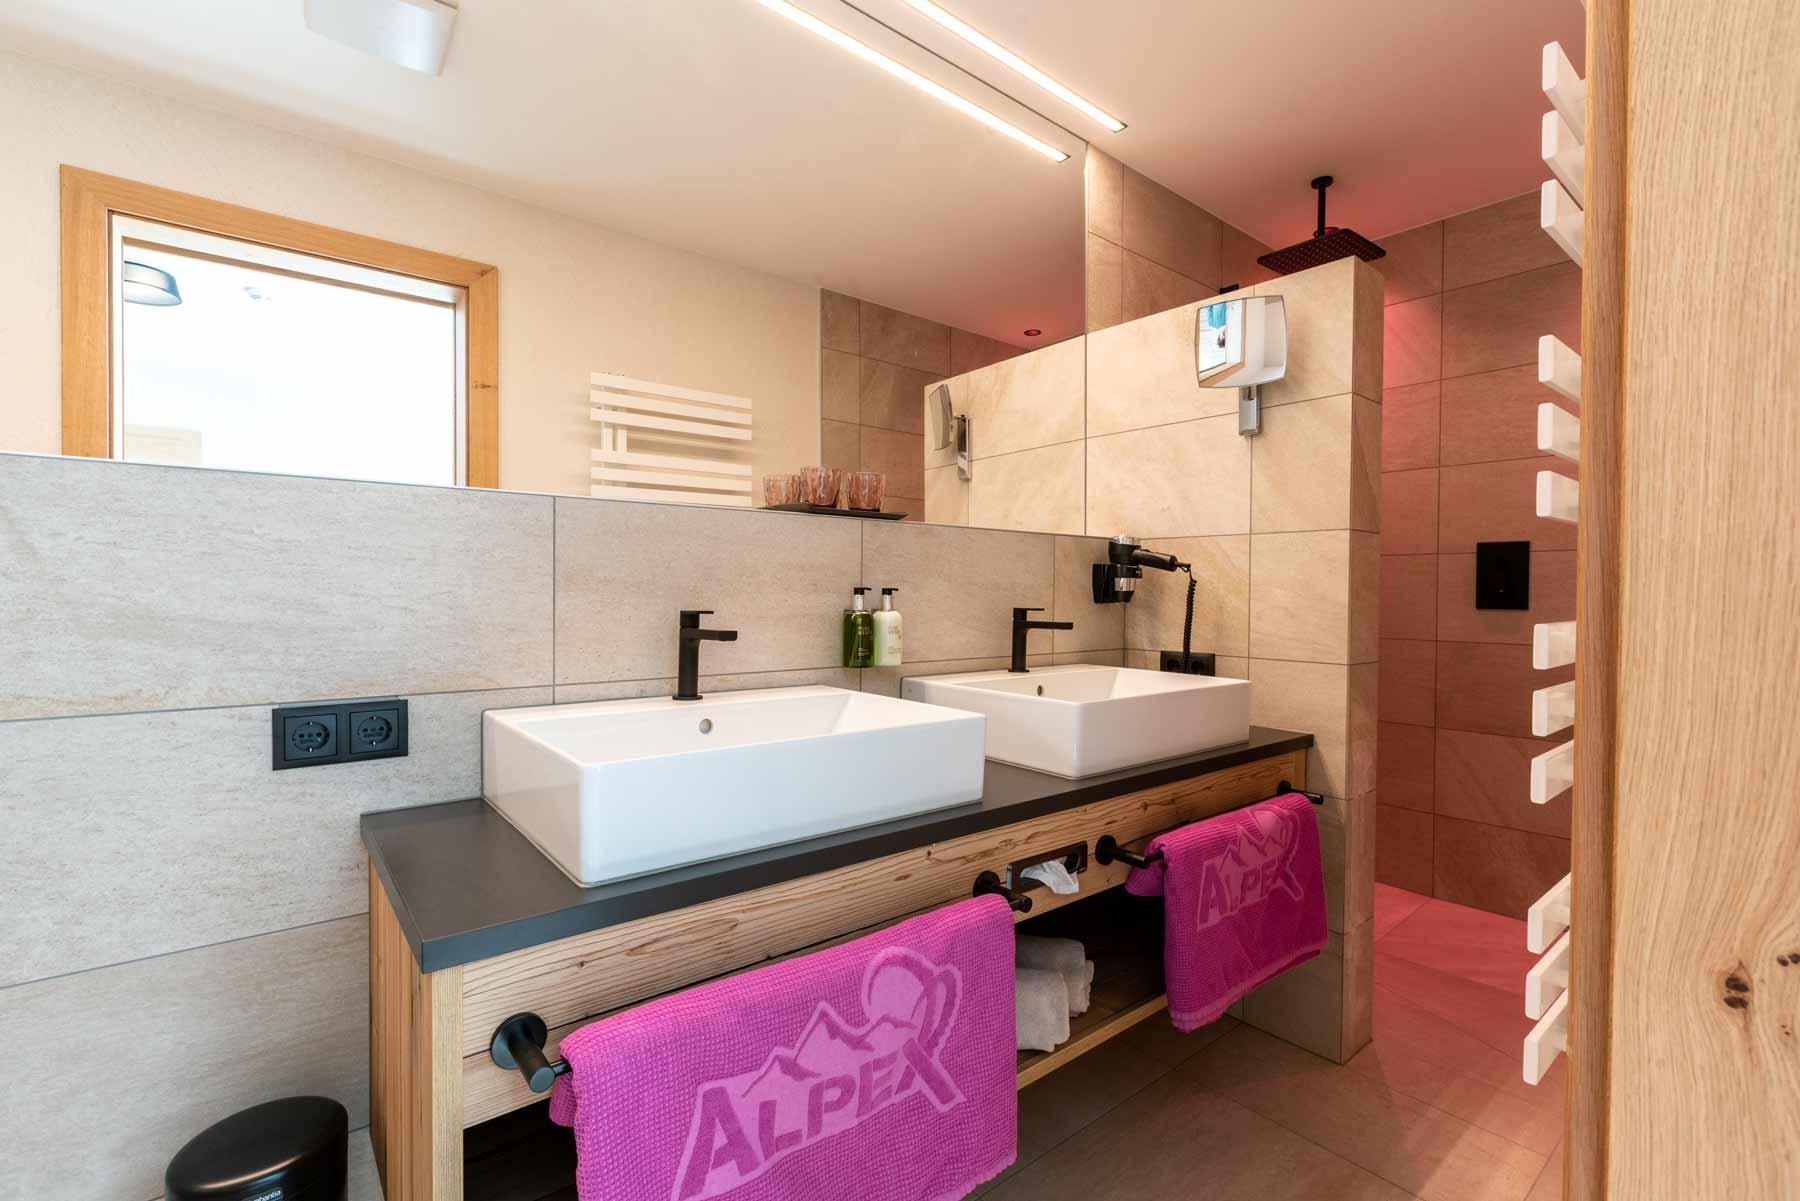 be_Alpex-Hotelfoto-Appartement25-DSC09730